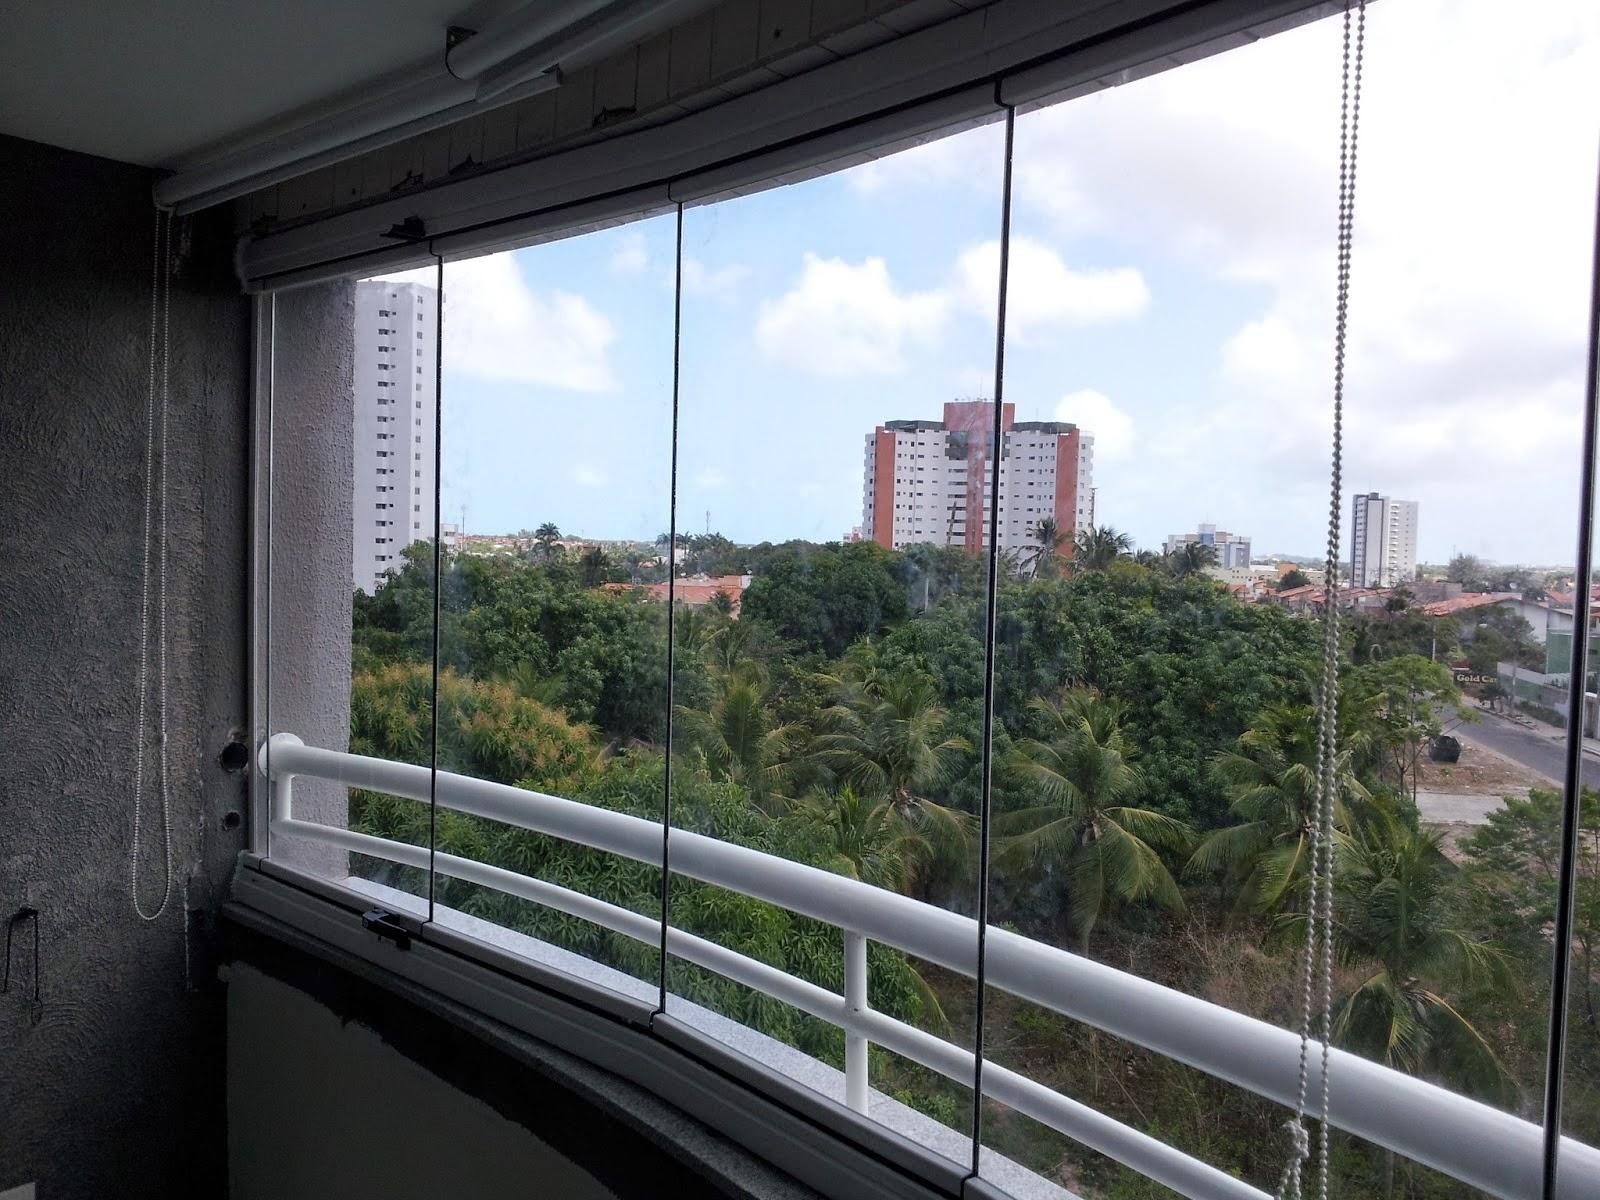 #2D609E Criativo Vidraçaria: Cortina de vidro em Fortaleza 256 Janelas De Vidro Preços Fortaleza